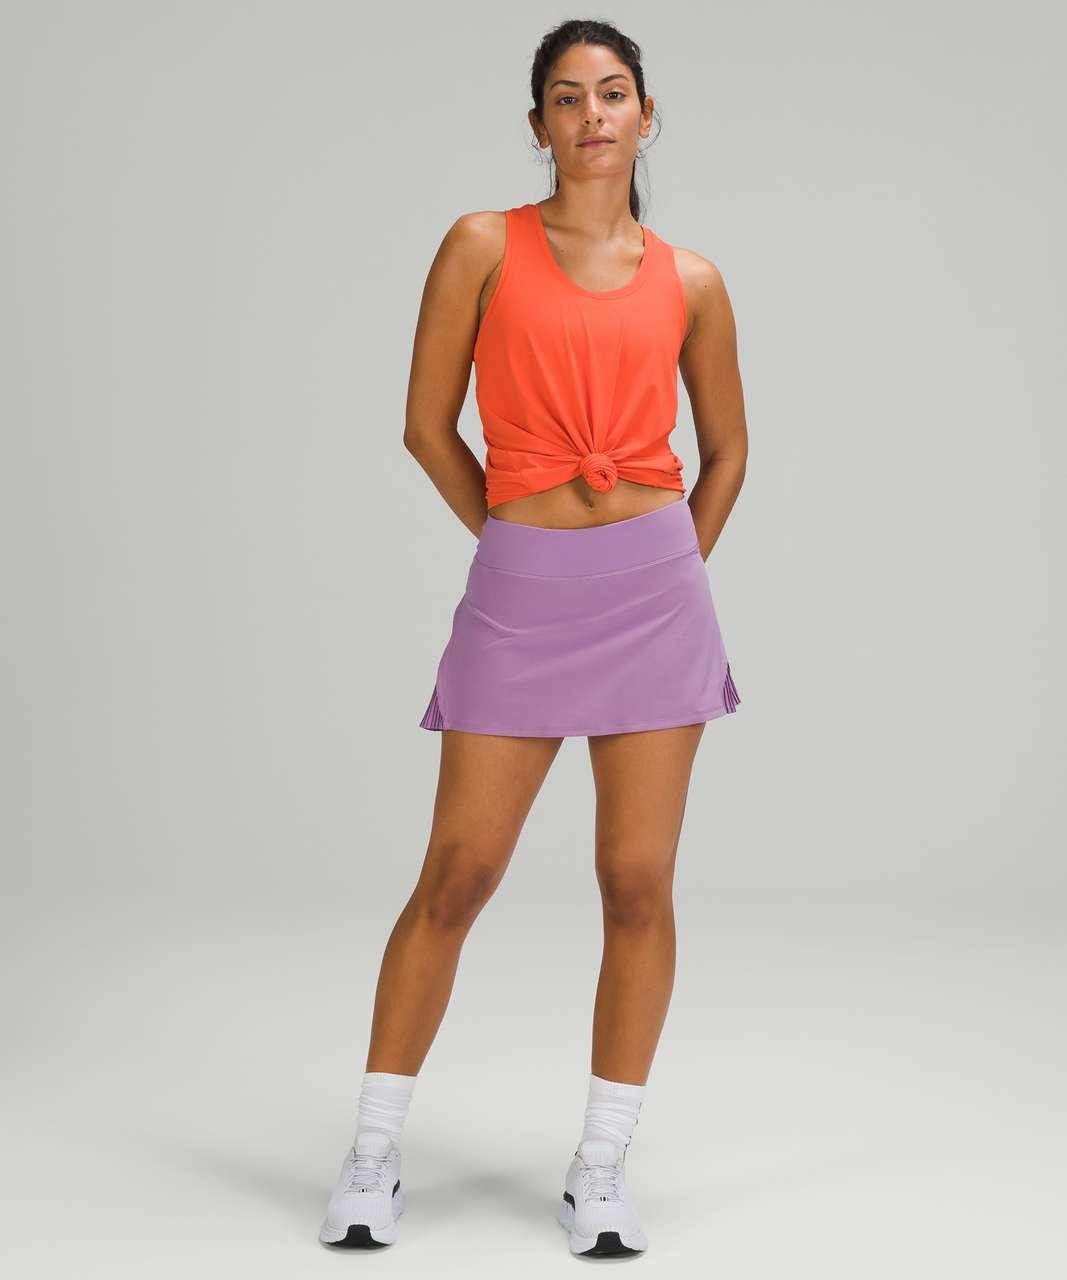 Lululemon Play Off The Pleats Mid Rise Skirt - Wisteria Purple